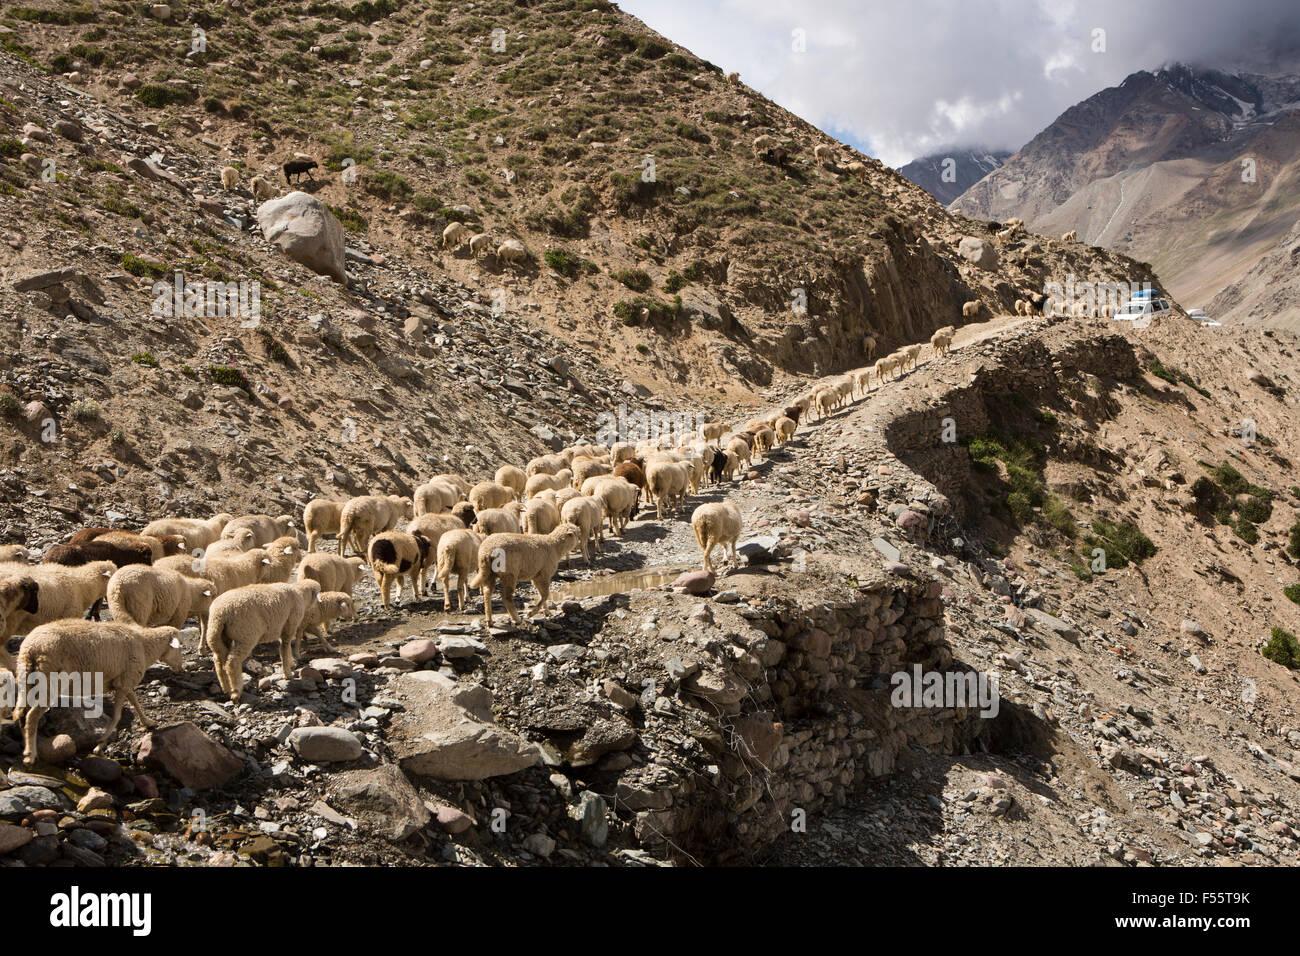 India, Himachal Pradesh, Spiti, Chandra, Taal gregge di ovini e caprini bloccando la Kunzum pass road Immagini Stock